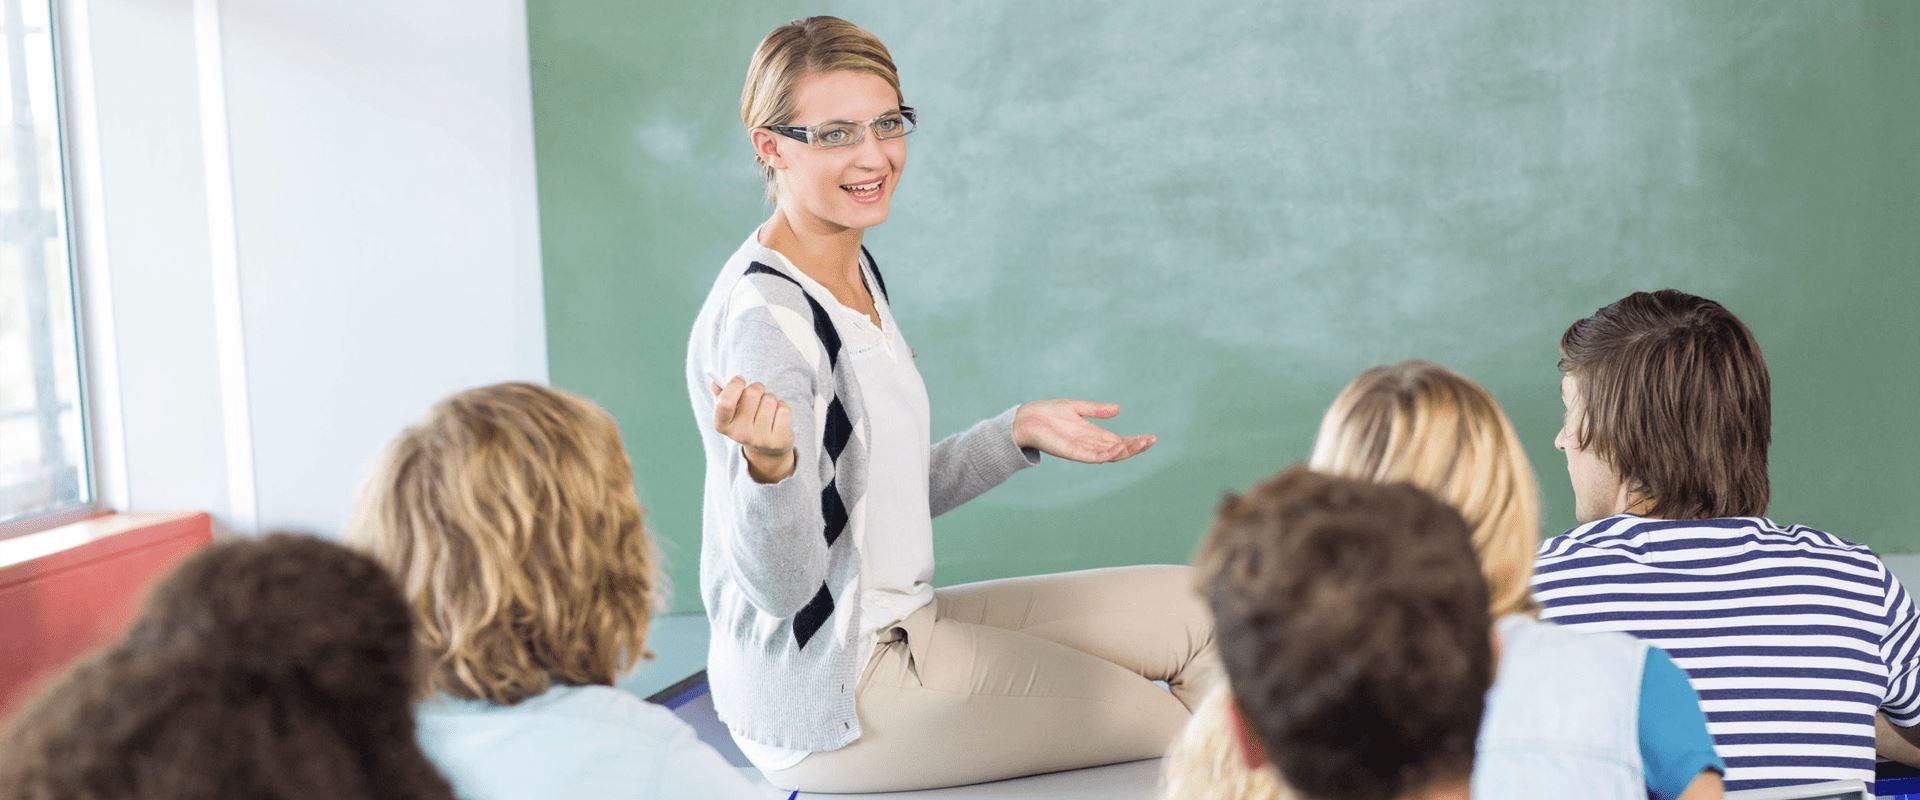 Σε εντάσσουμε σε αυστηρά ολιγομελή τμήματα 2-5 μαθητών